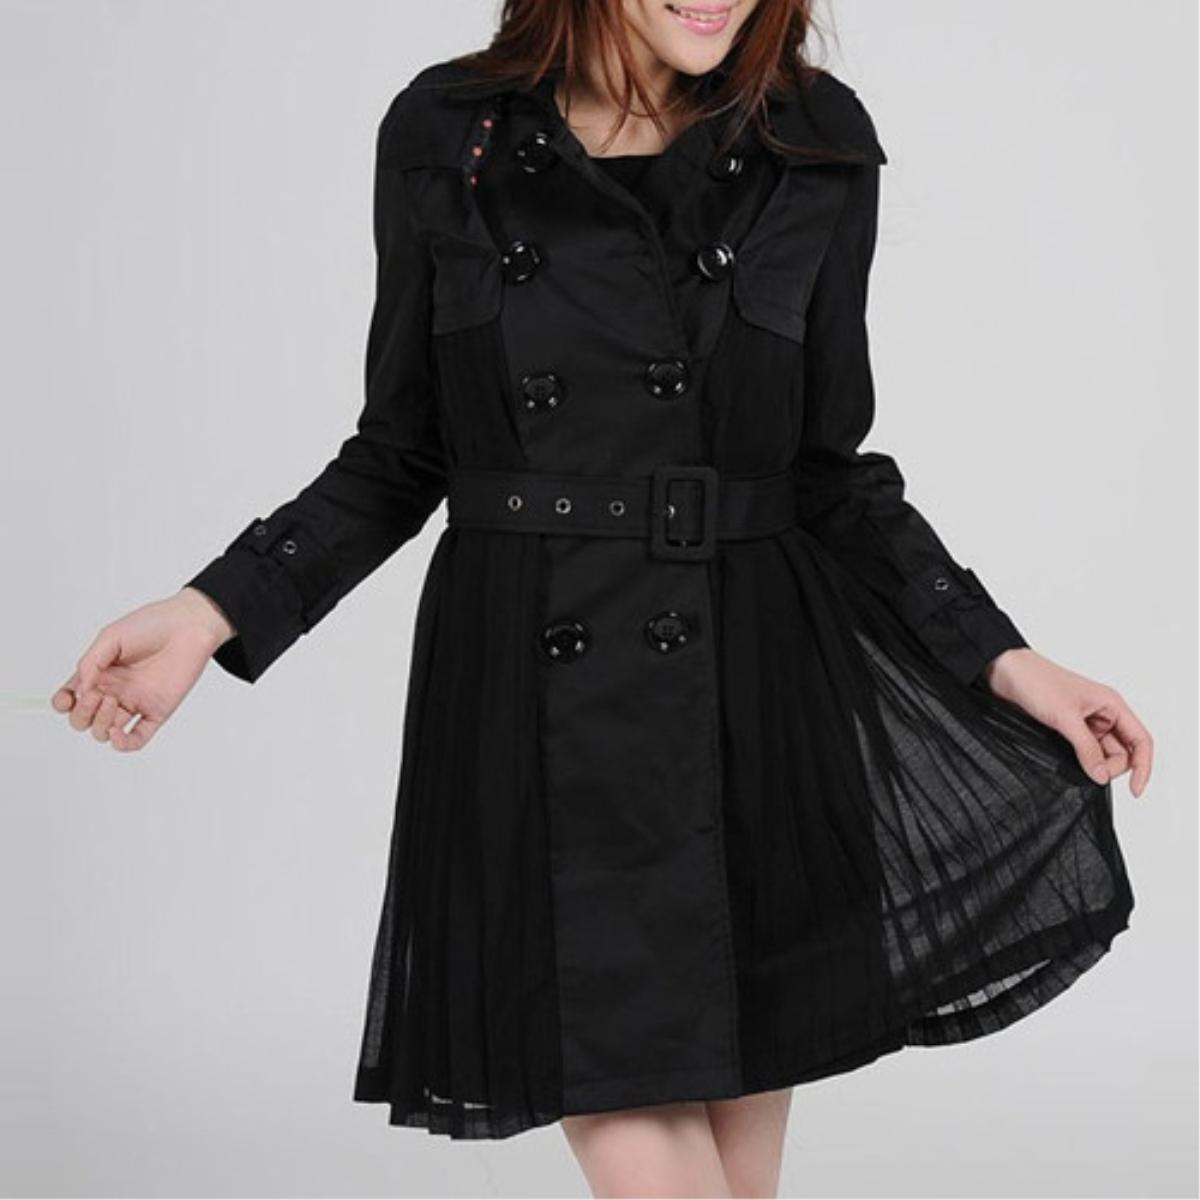 Women's New Style Chiffon Slim Waistband Coat,Cheap in Wendybox.com